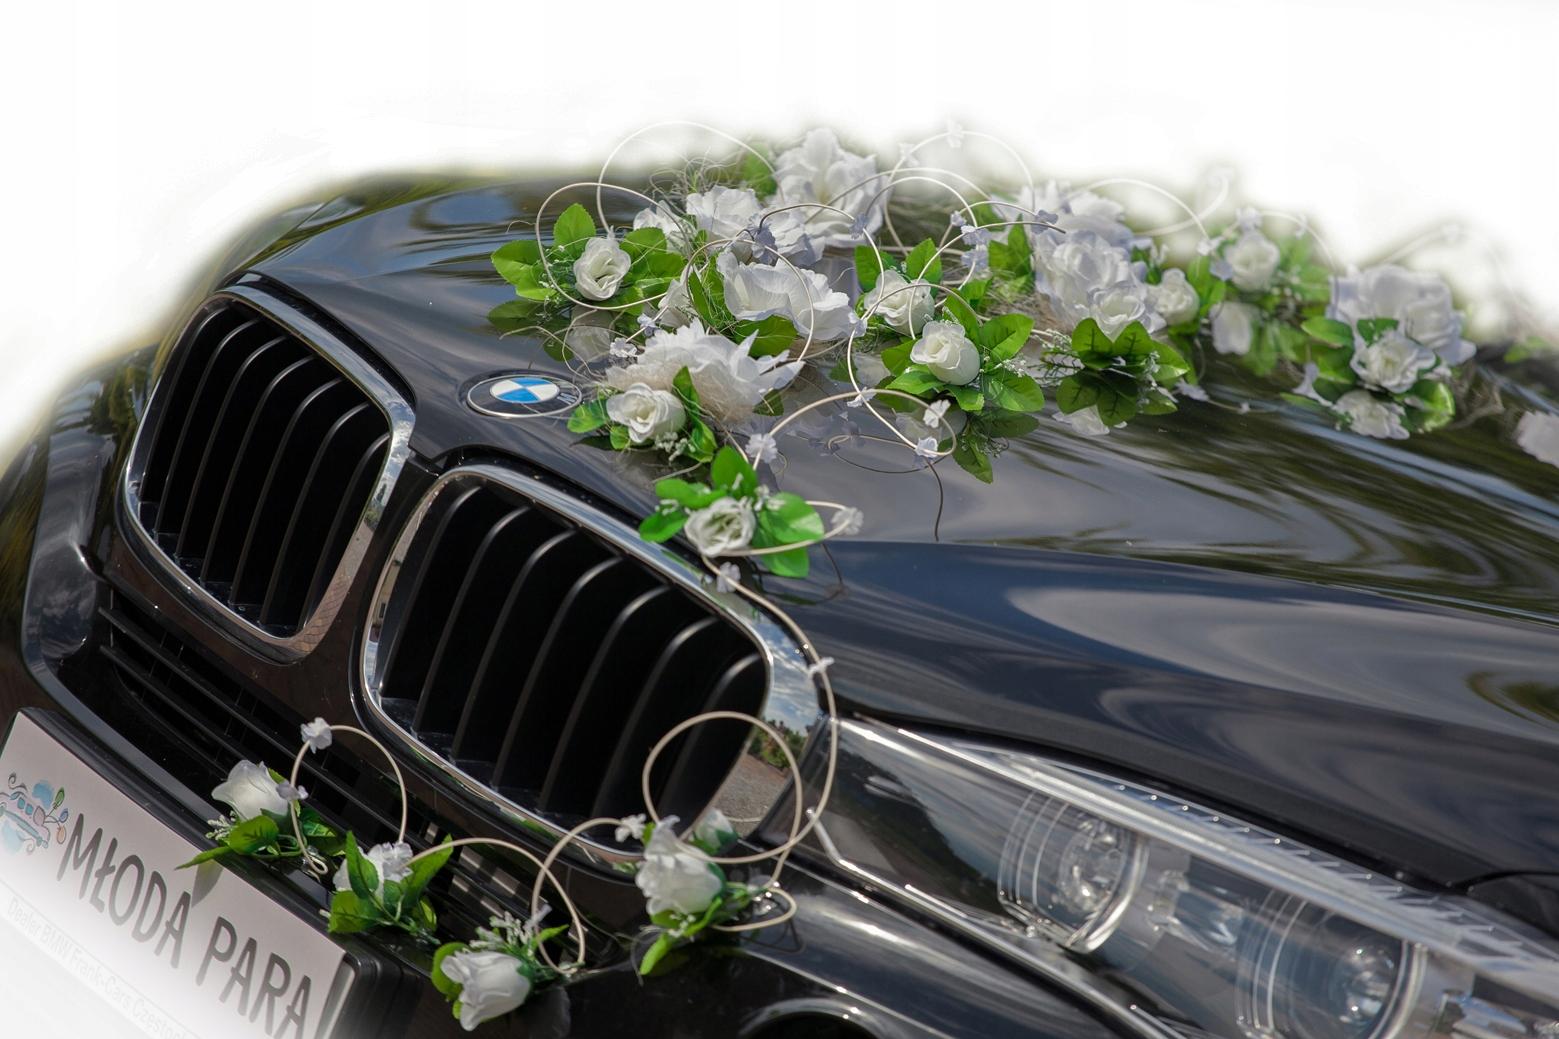 Pati крем  декорация автомобиля автомобиль